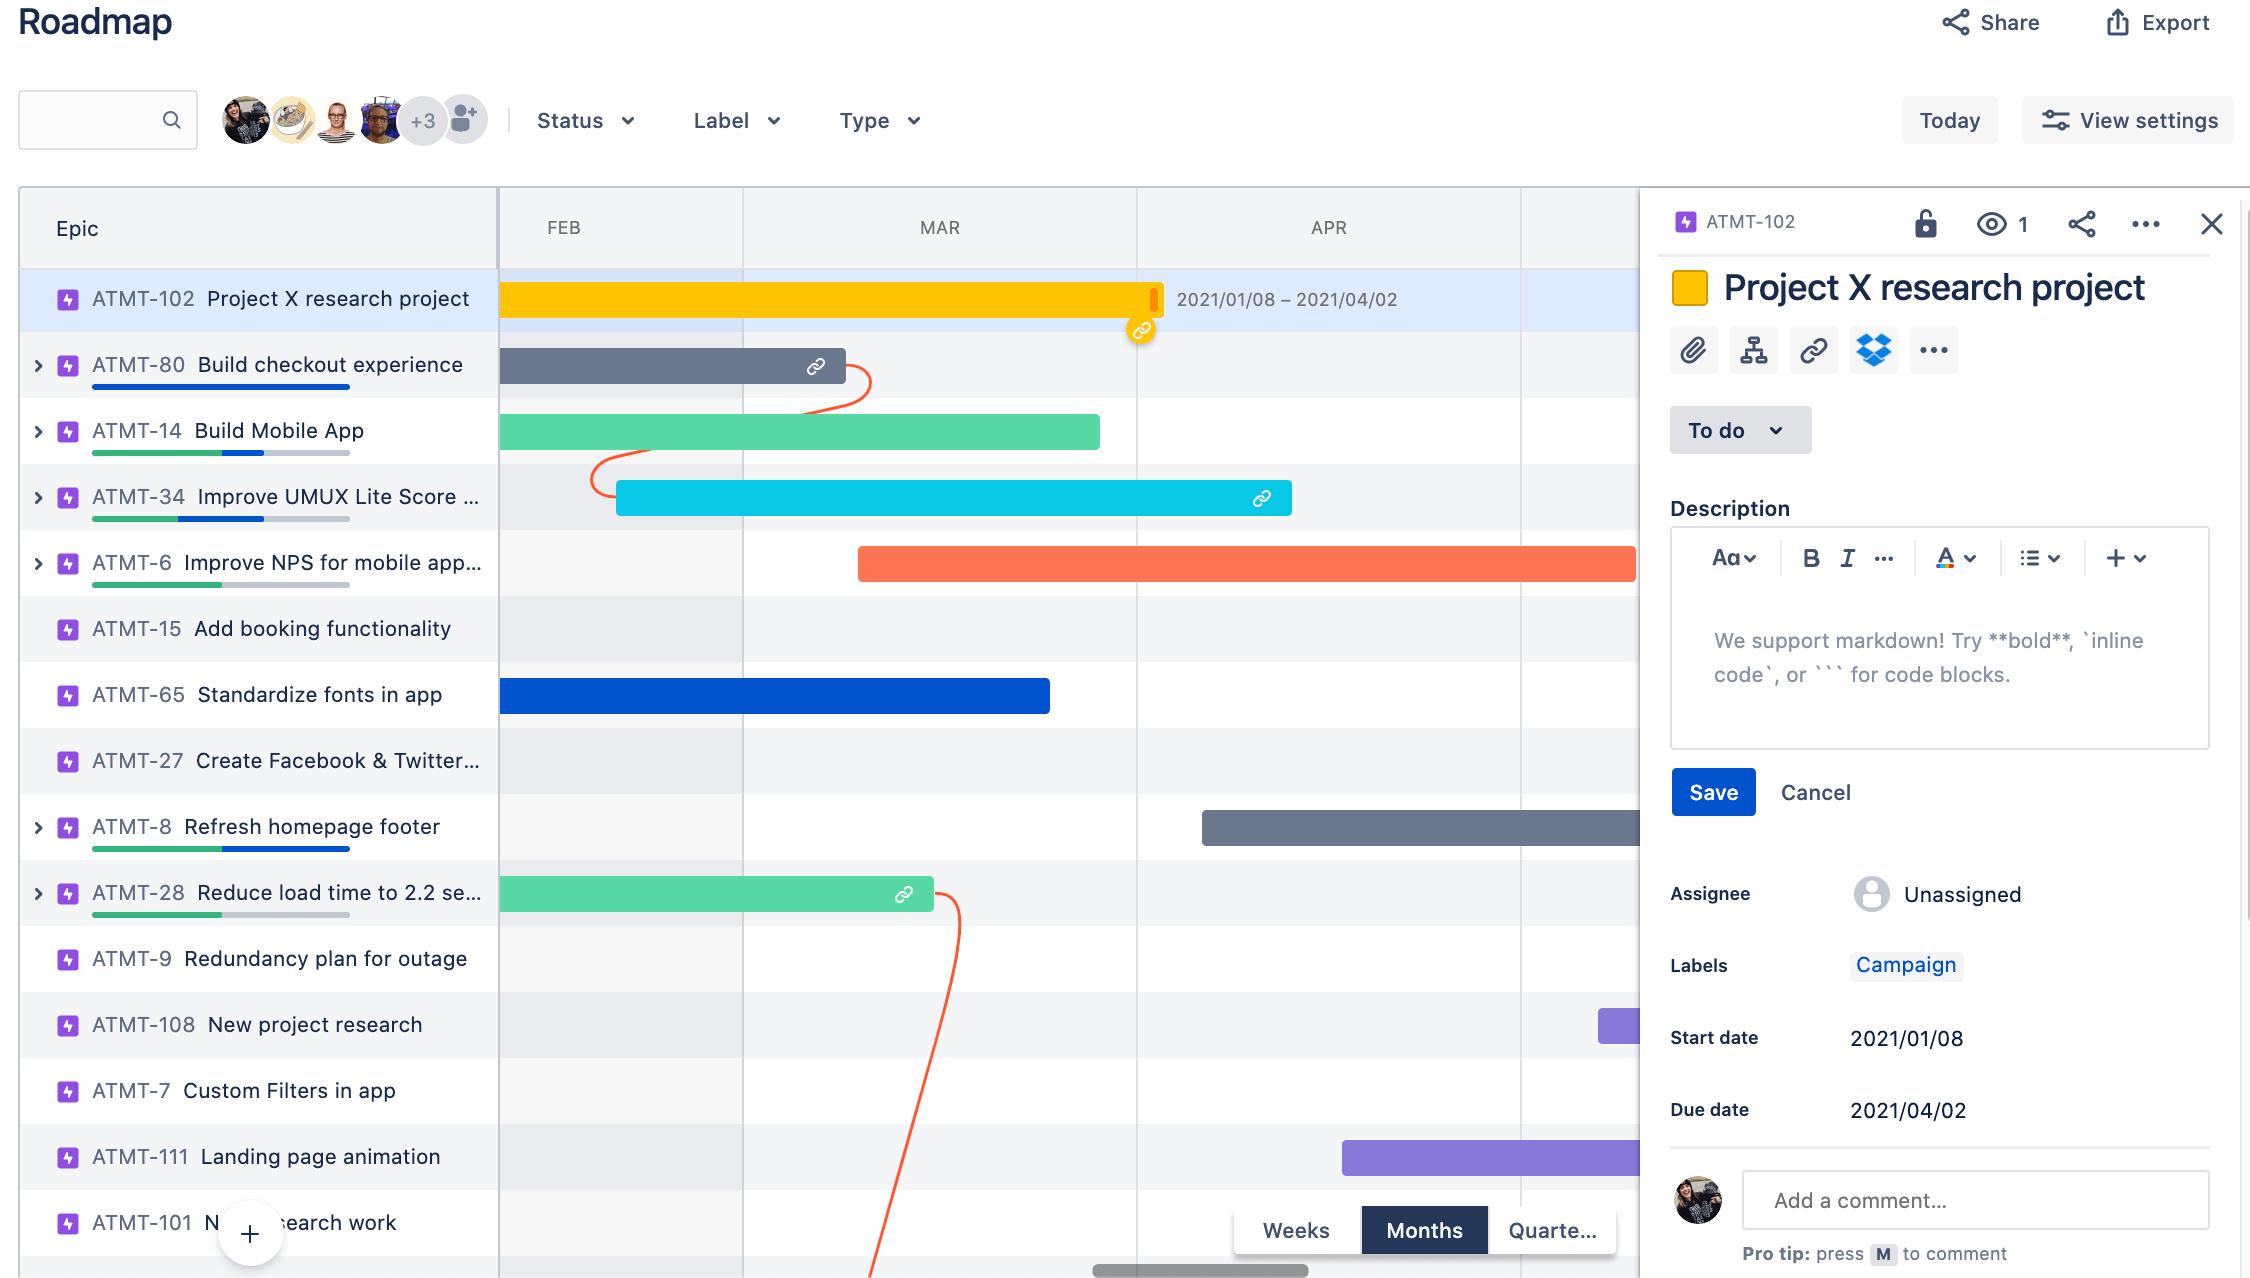 Fechas de inicio y de finalización de epics en Basic Roadmaps de Jira Software